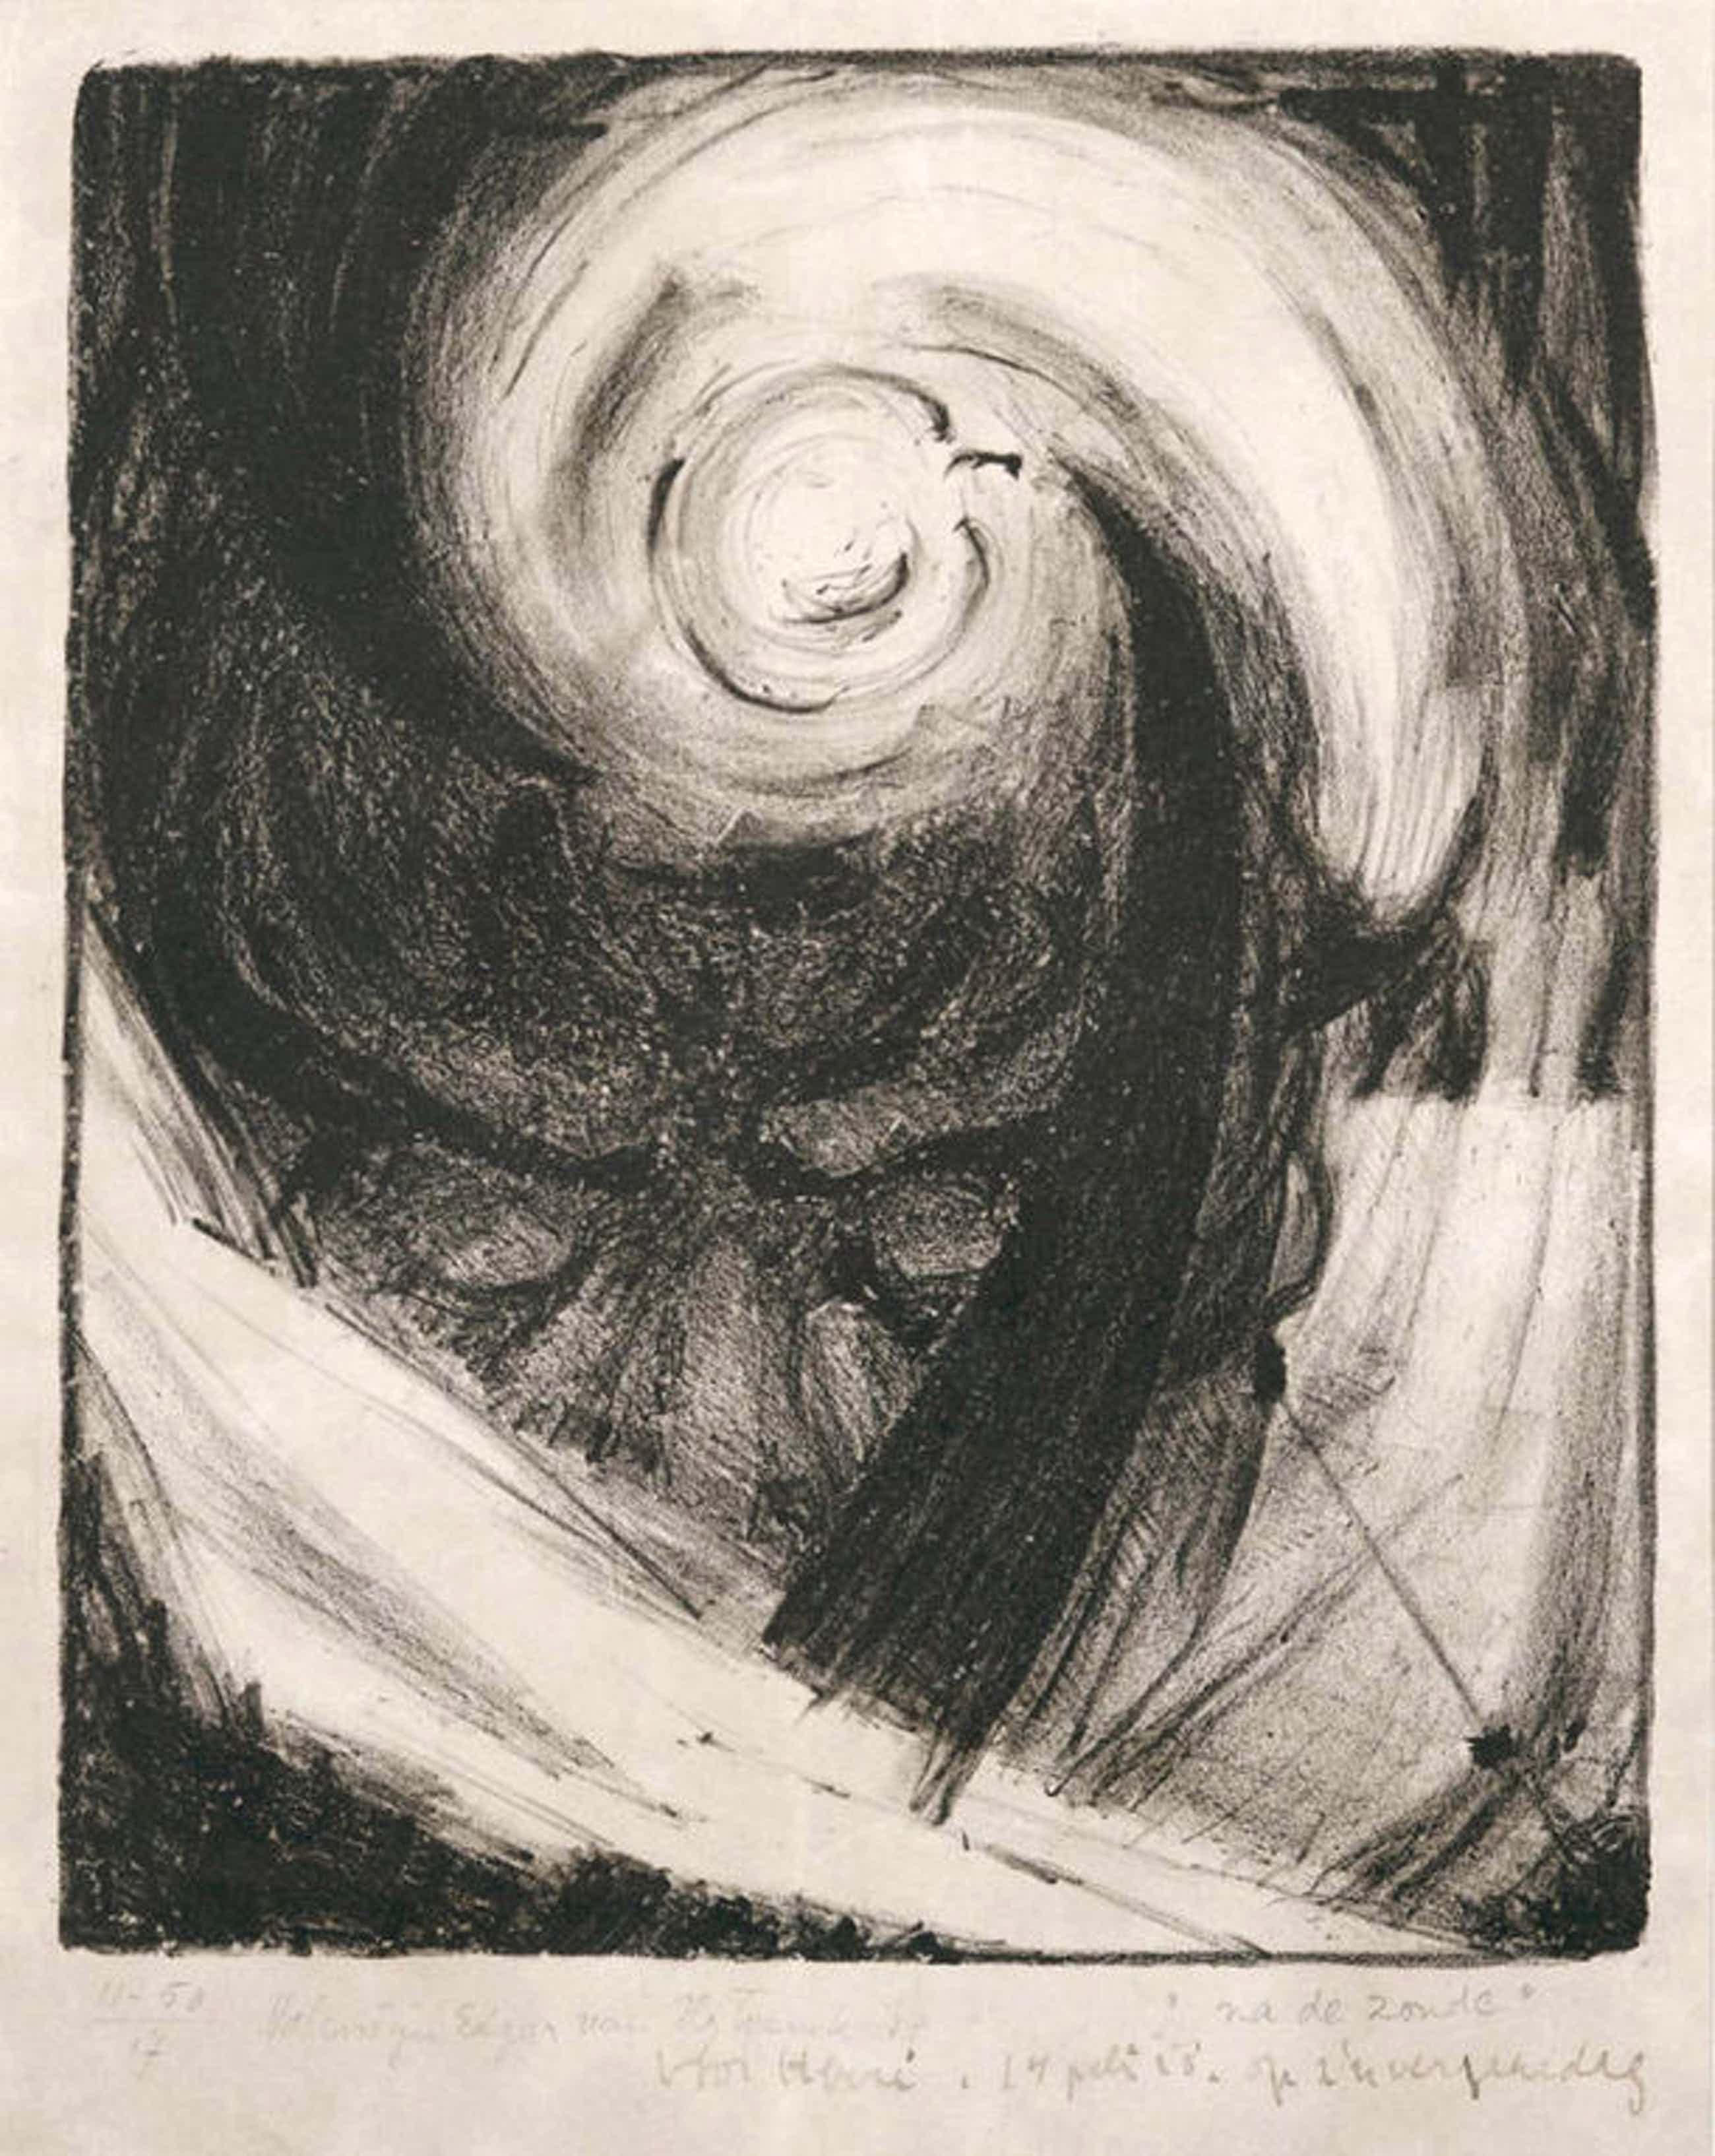 Valentijn E. van Uytvanck: Litho - 'Na de zonde' 1917 kopen? Bied vanaf 50!